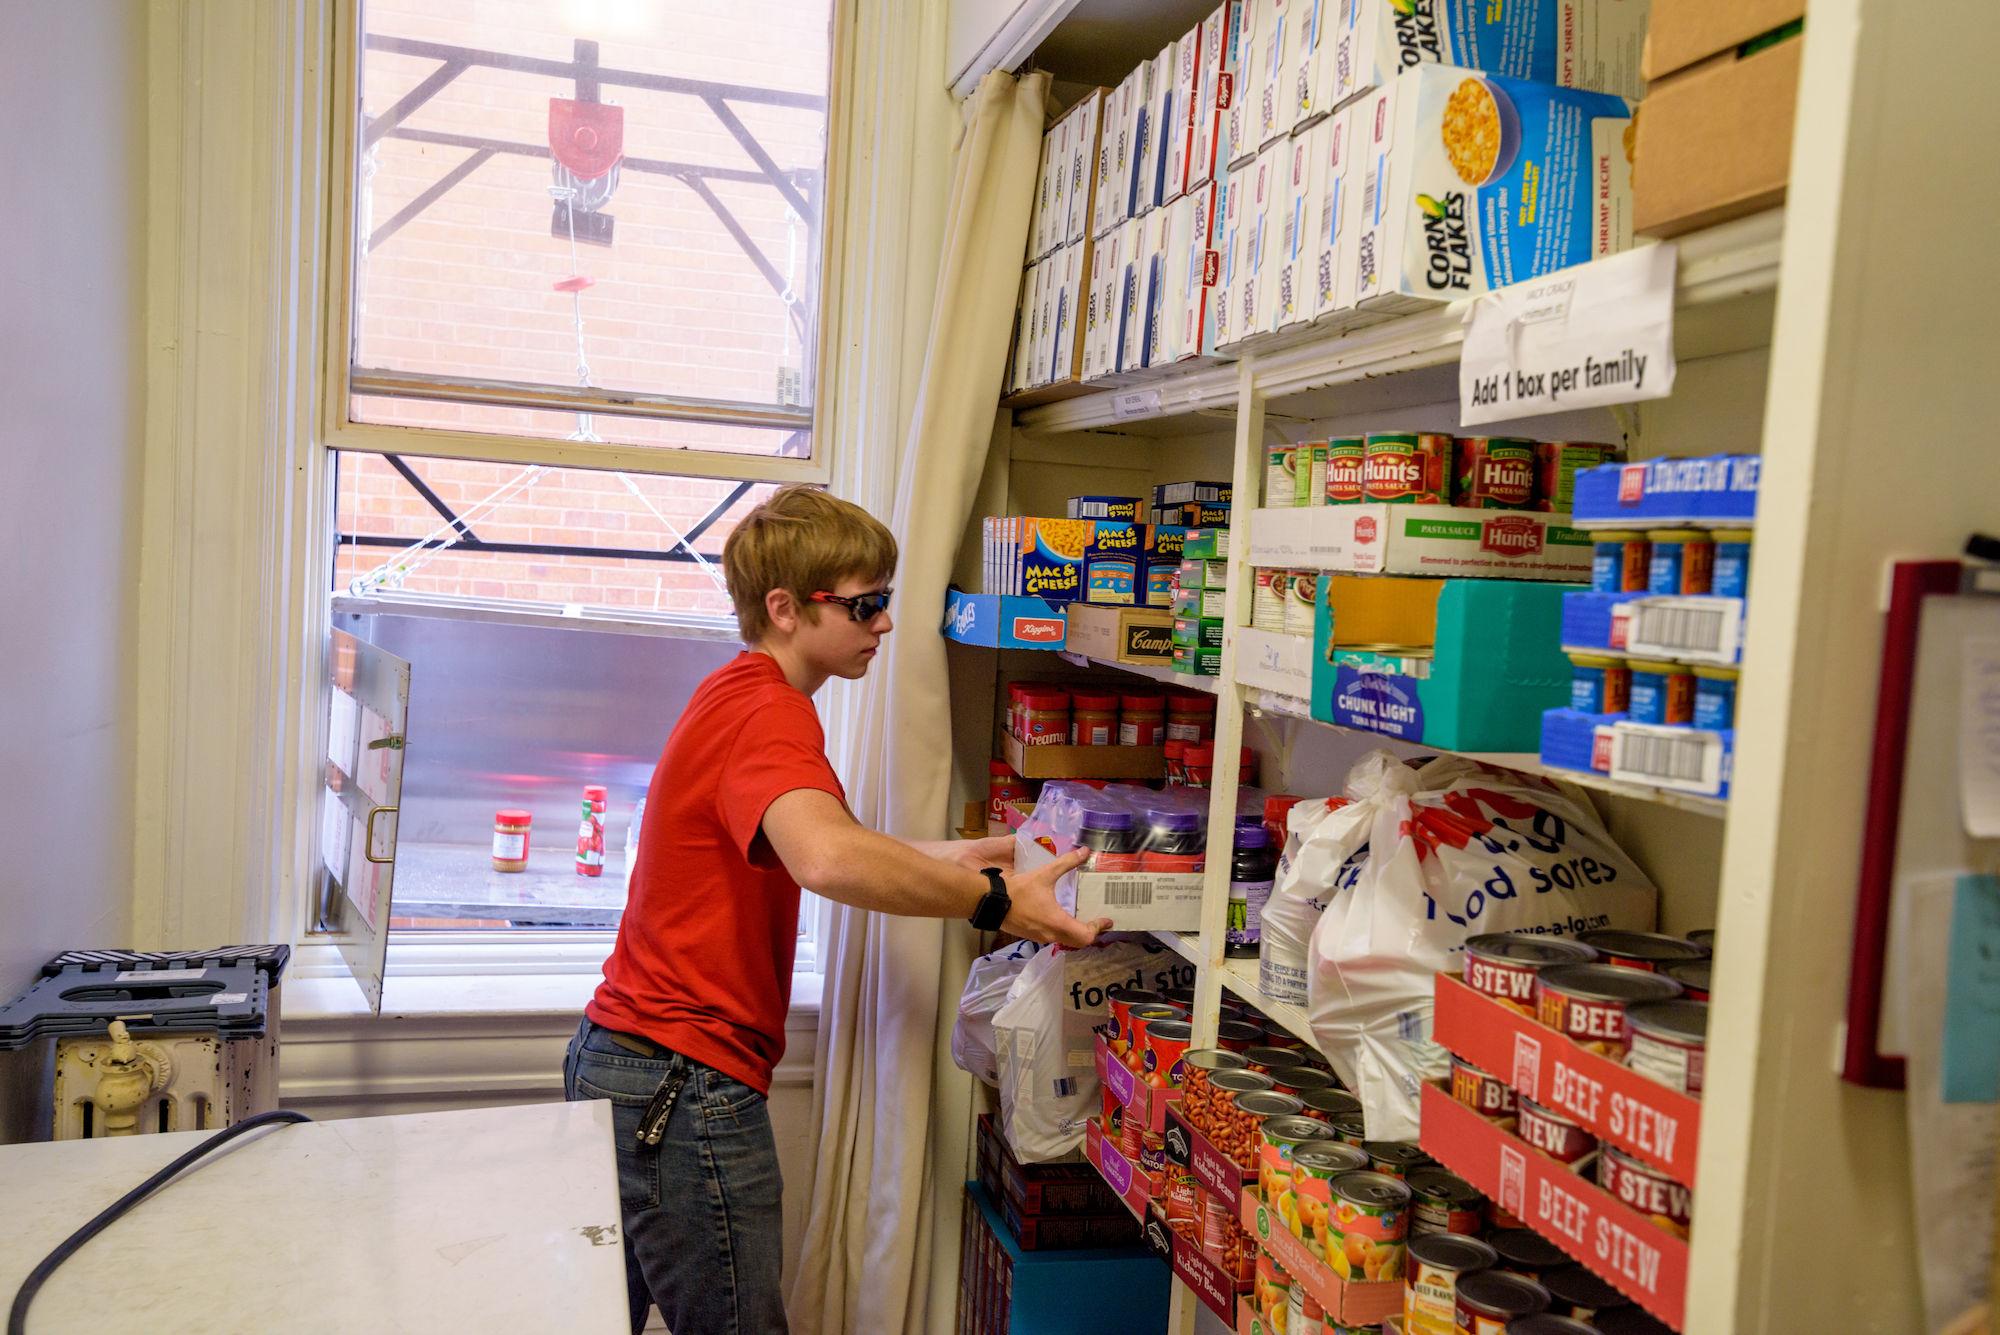 RHIT_Make_It_Happen_Food_Pantry_Lift-21035.jpg